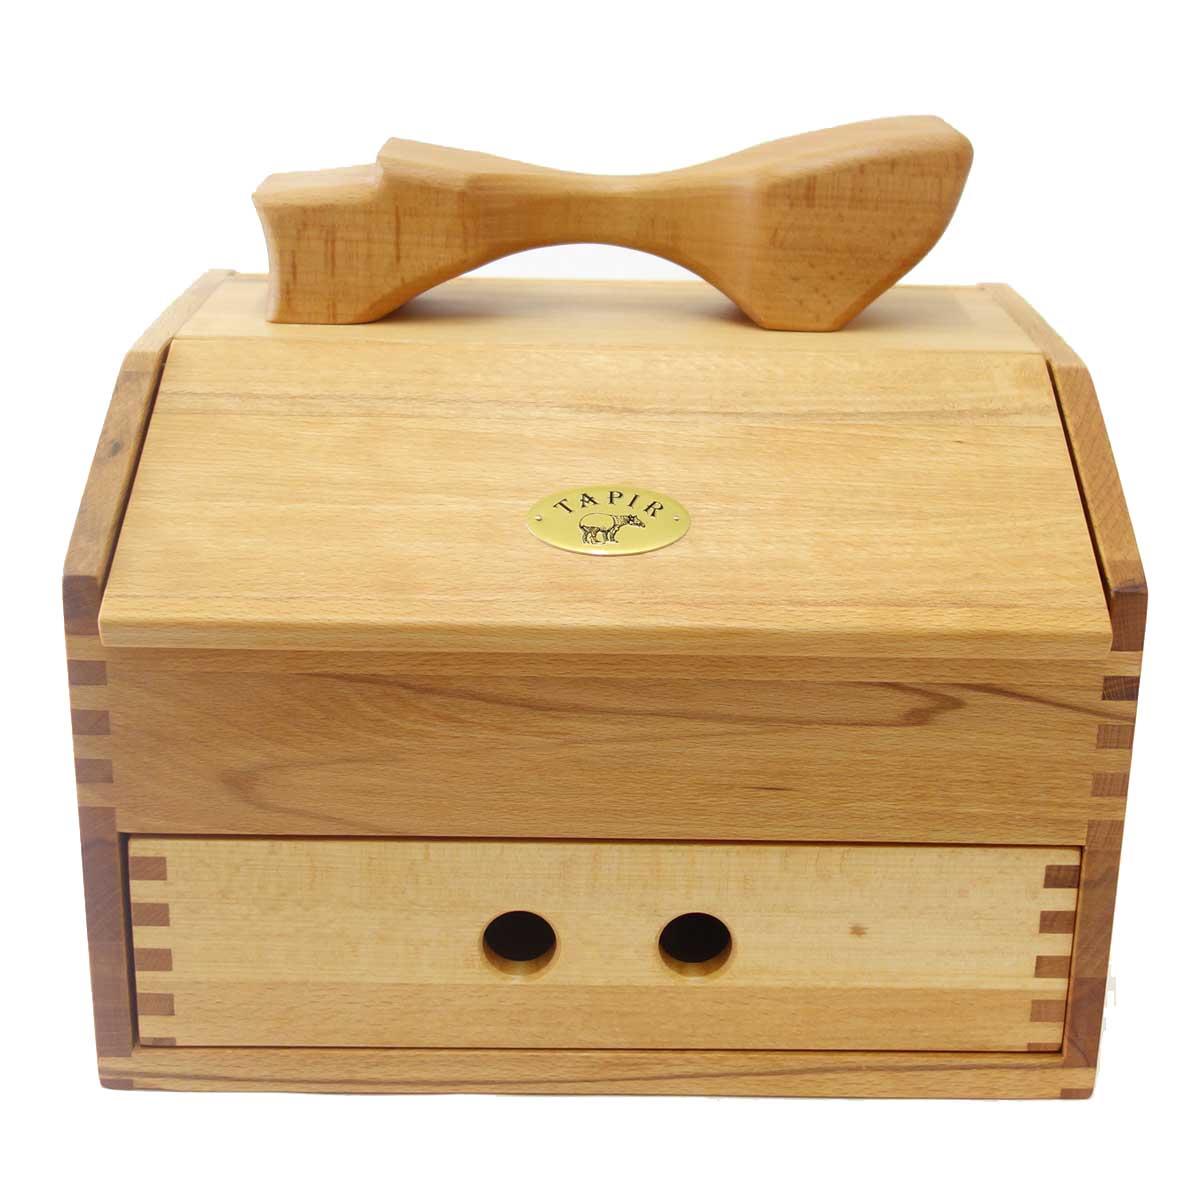 TAPIR タピール 木の道具箱『大きいサイズ』(木箱のみ)使い込むほどに味がでます(ドイツ製)